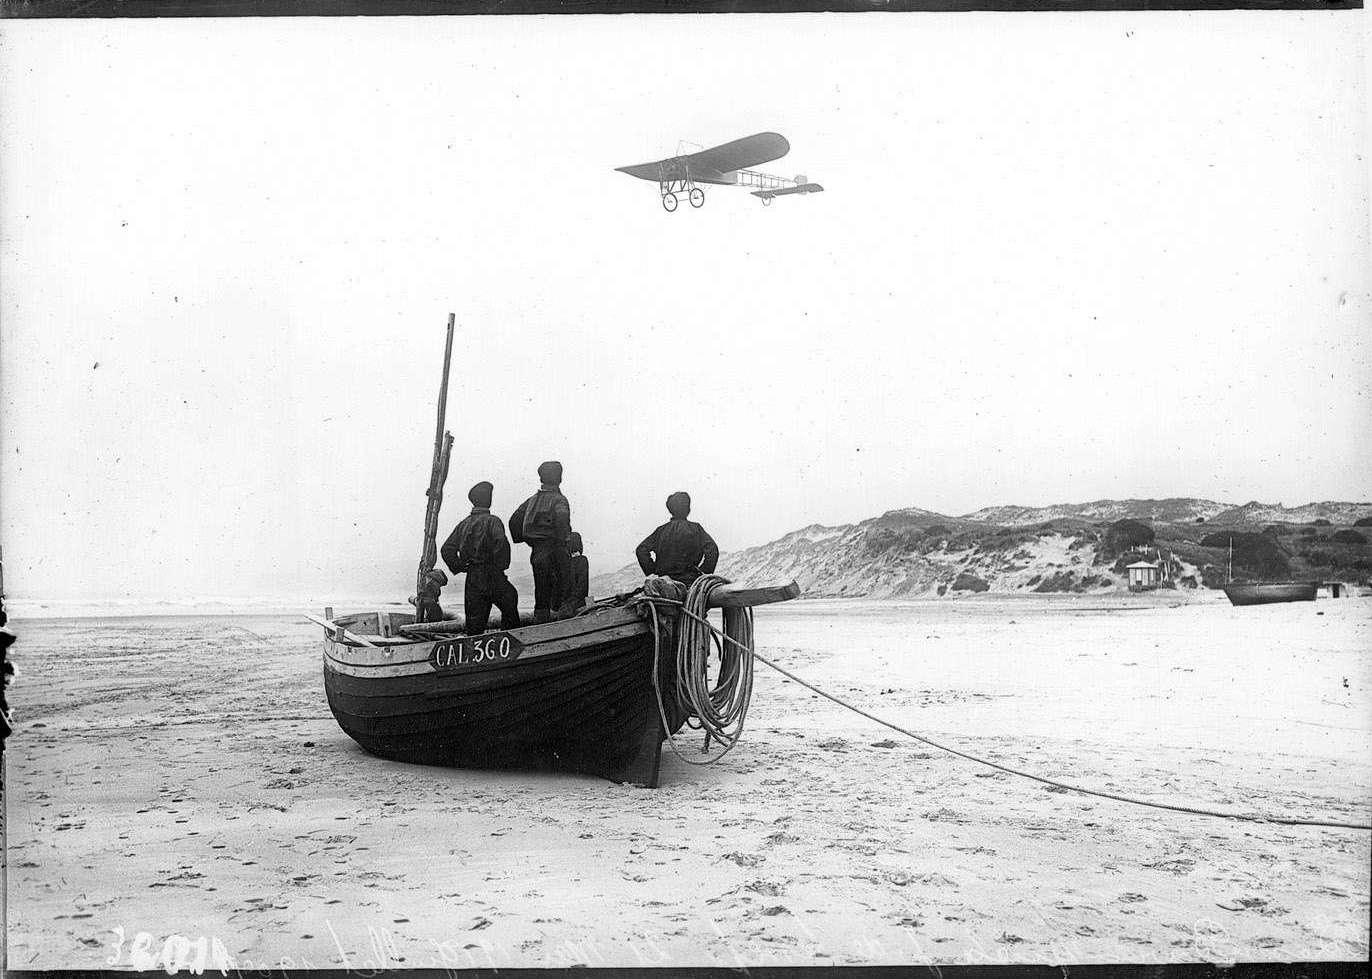 Le vol de Louis Blériot pris sur la plage de Sangatte, 25 Juillet 1909 (source : Musée de l'Air et de l'Espace, Paris - Le Bourget - Agence Monde et Caméra)